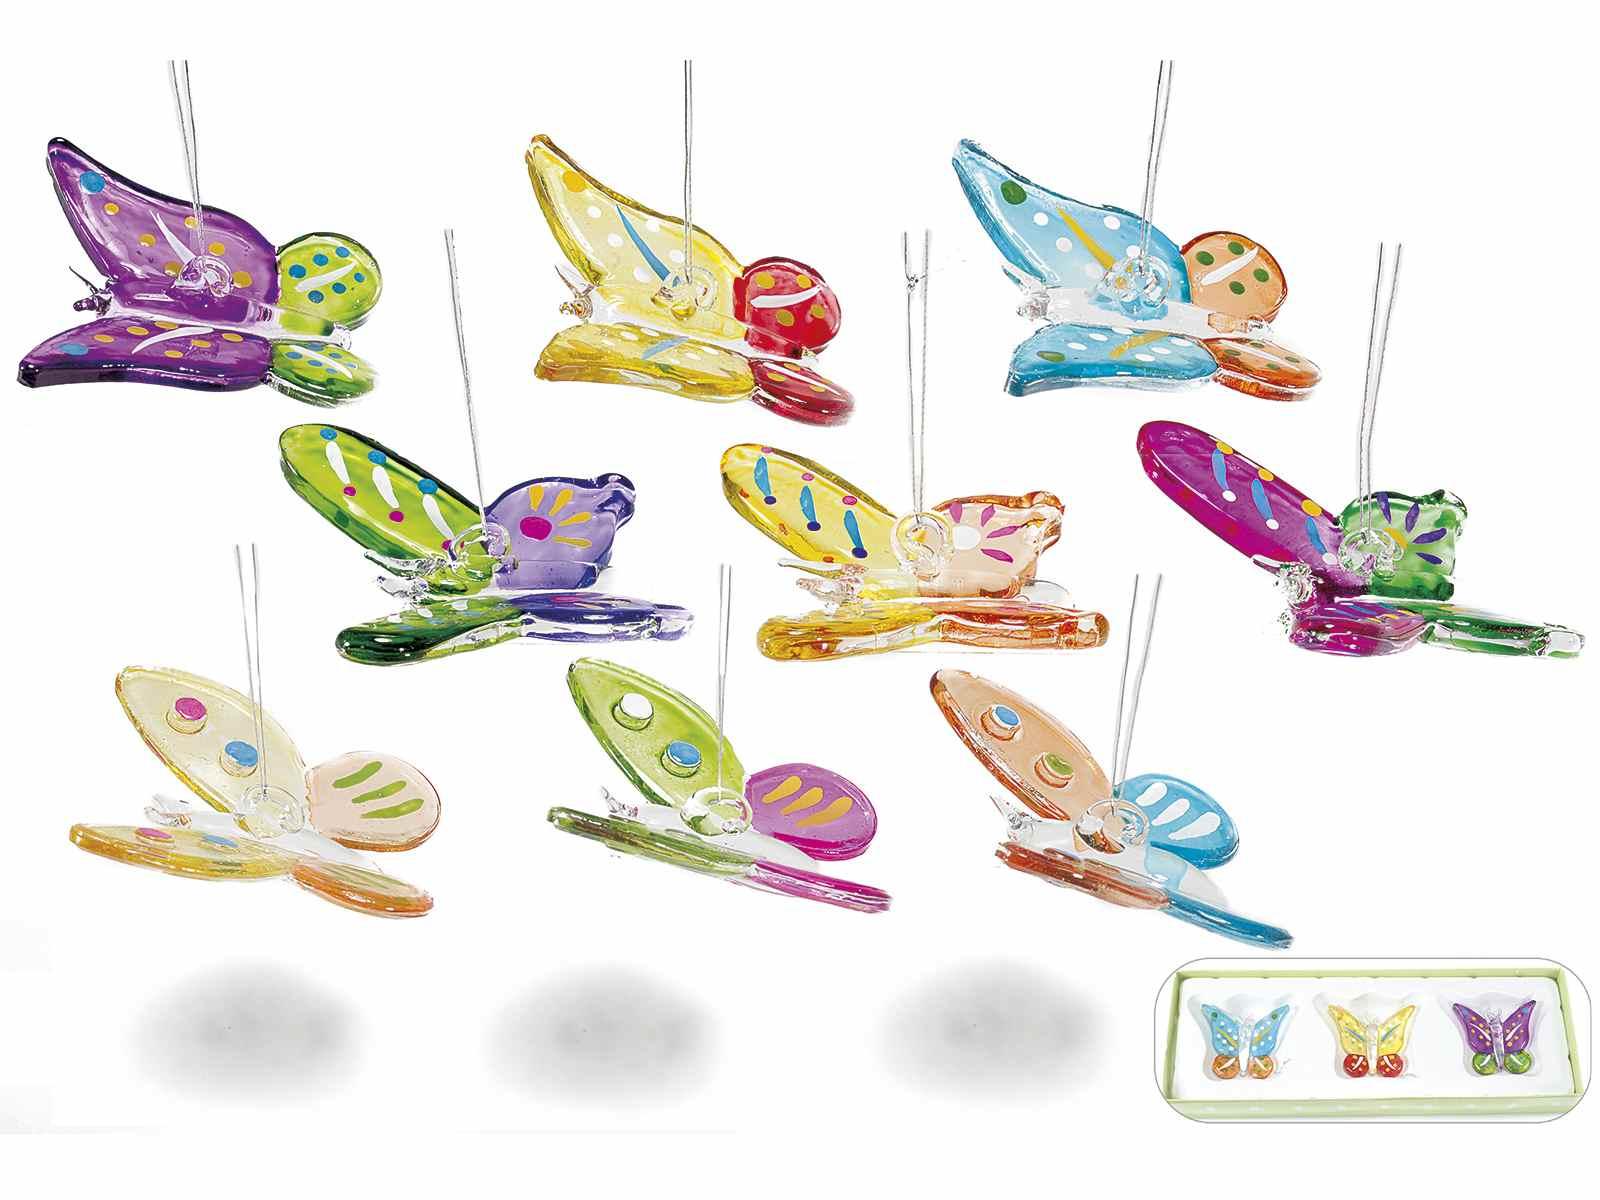 c7e4be6f2e0 Mariposas de vidrio coloreado para colgar (80.13.15) - Art From Italy